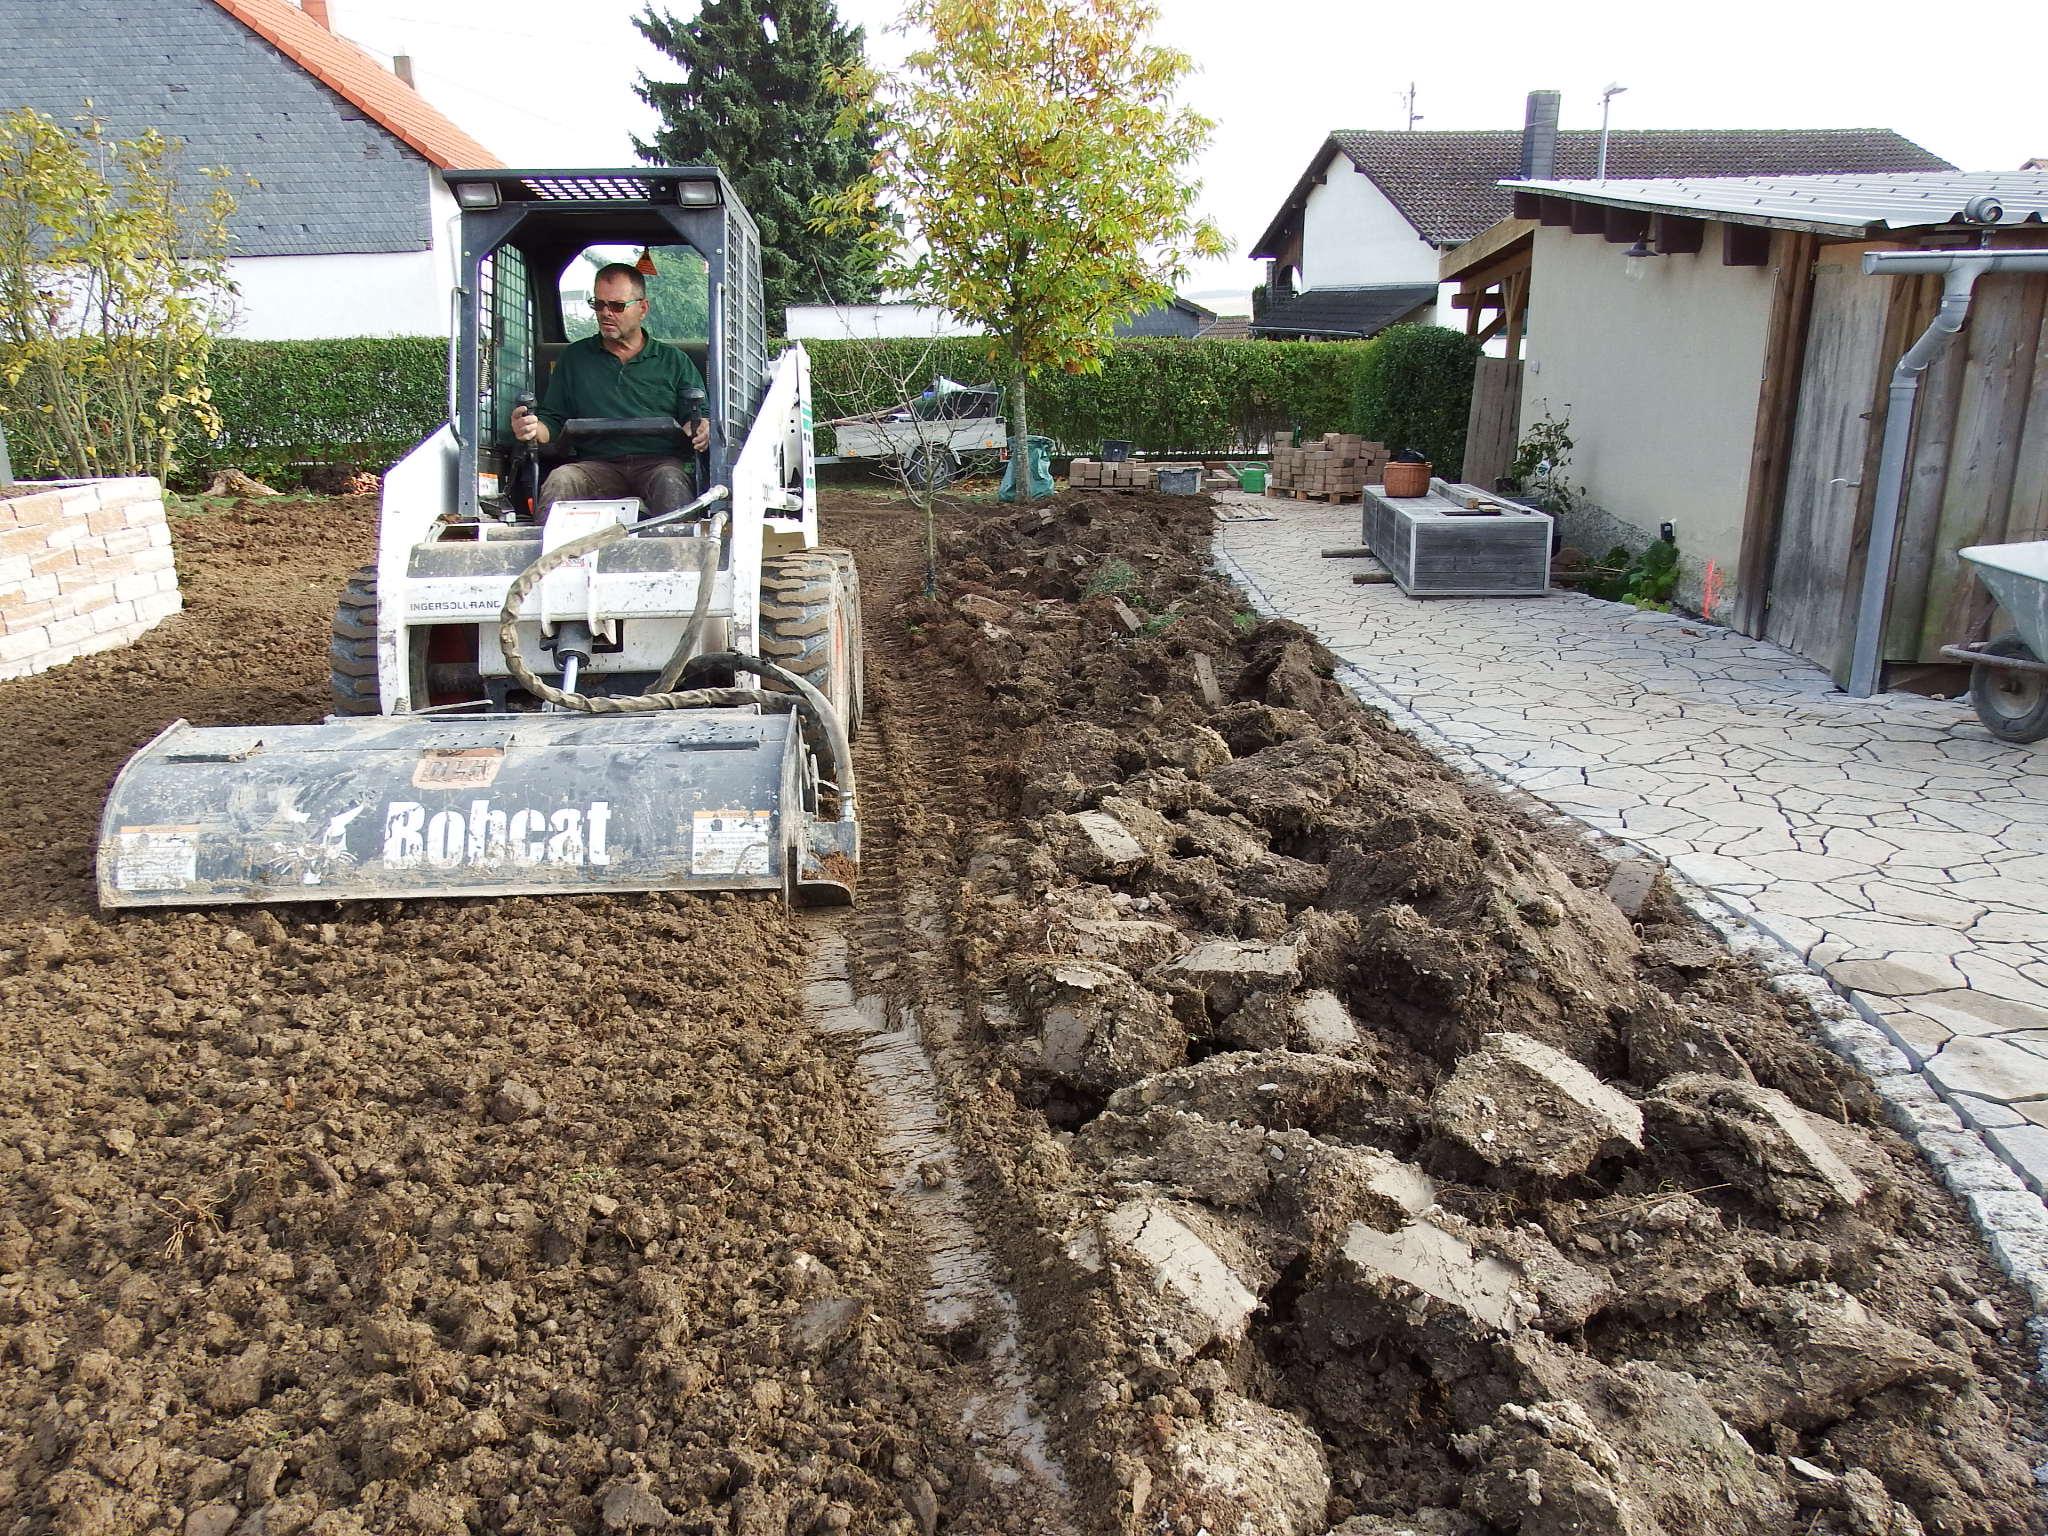 Erdarbeiten Frasen Eines Gartens Nach Vorheriger Bodenlockerung